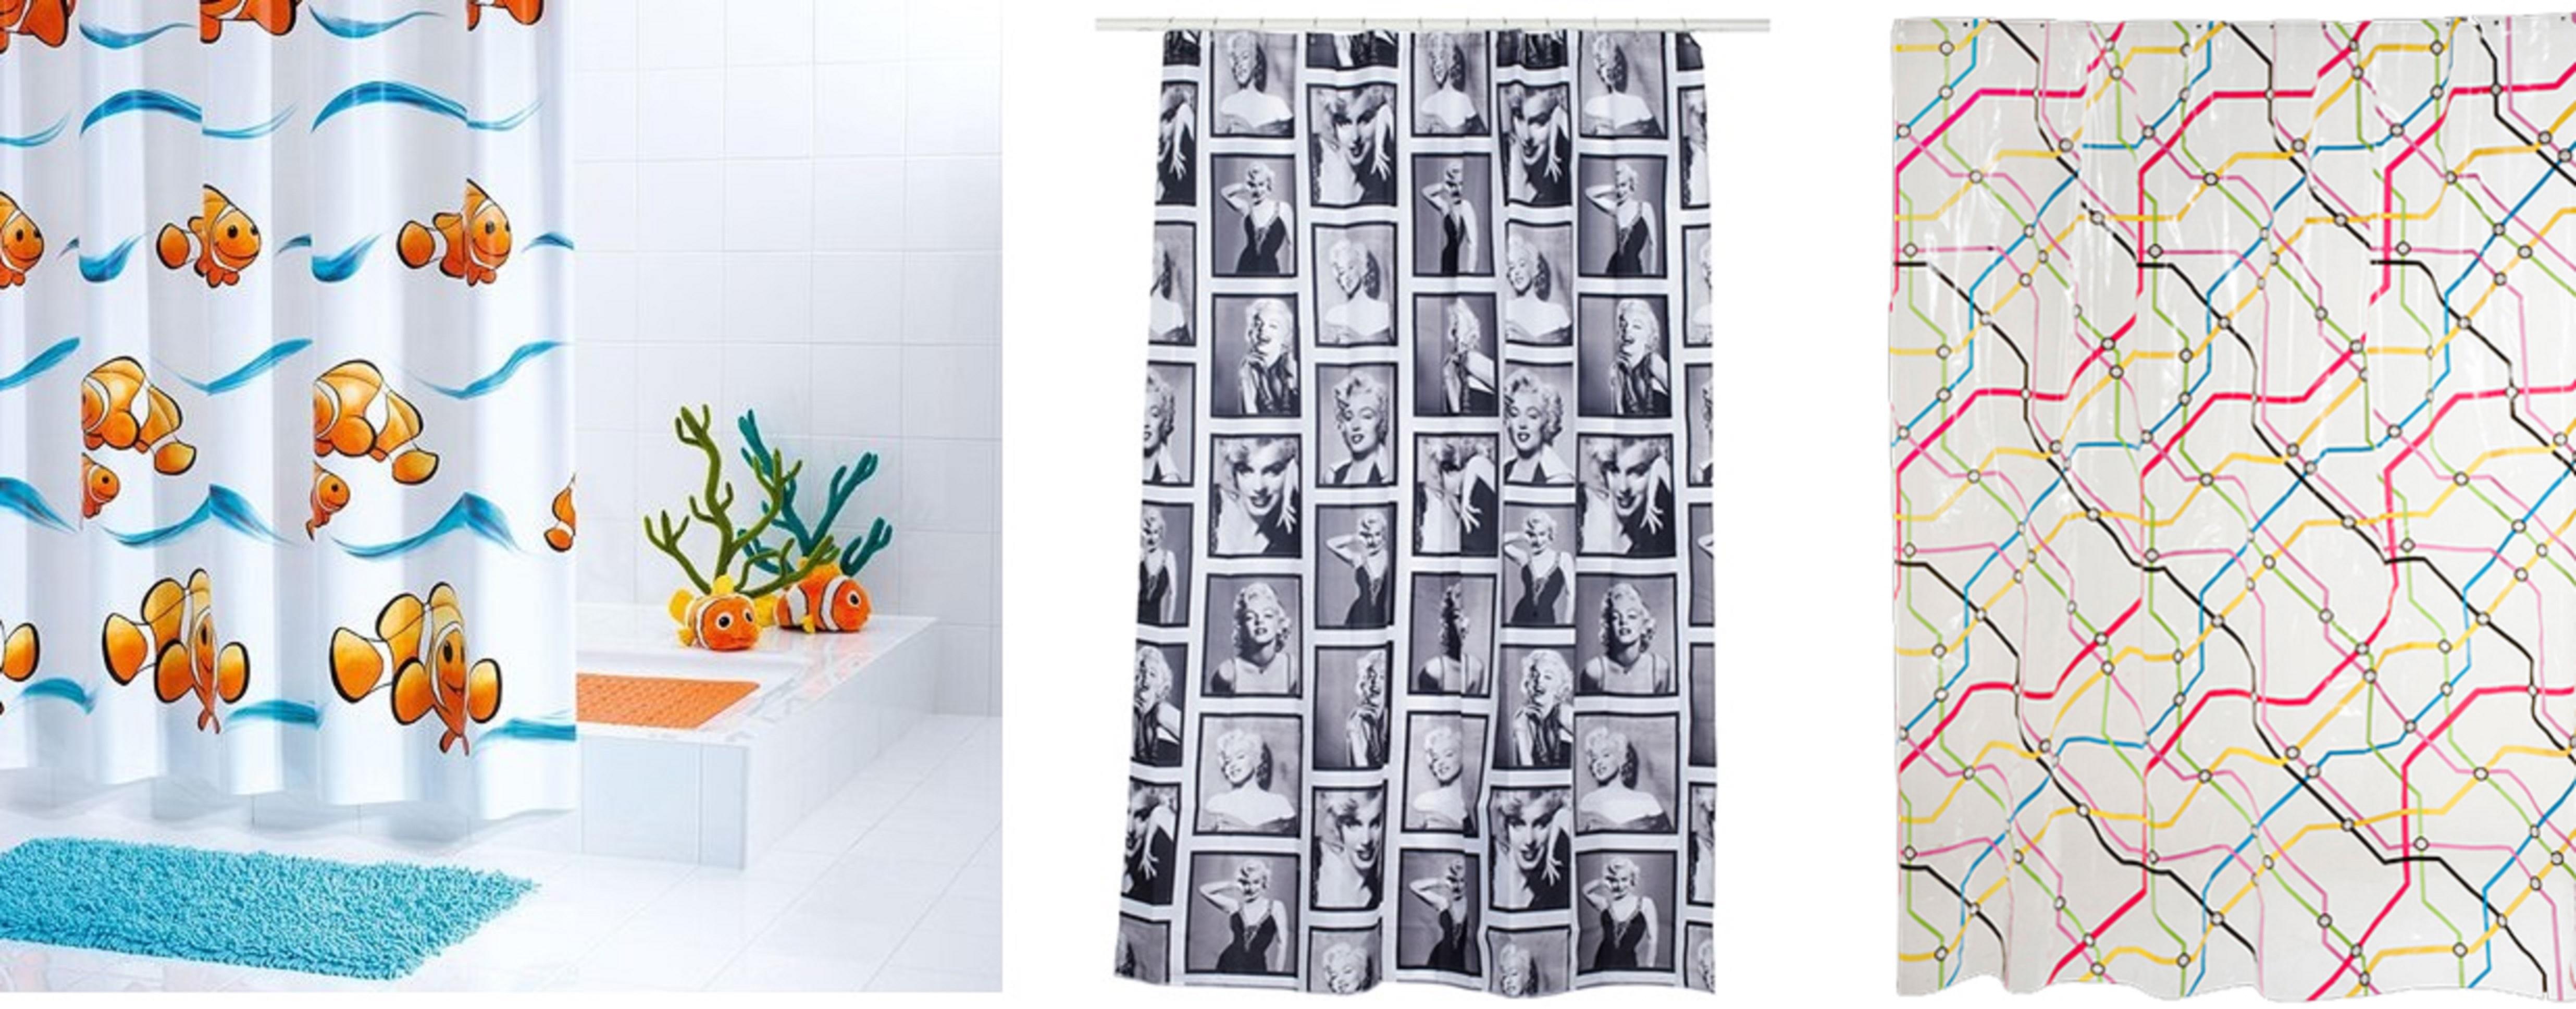 Cortinas de duche coloridas e divertidas - Leroy merlin barras de cortina ...